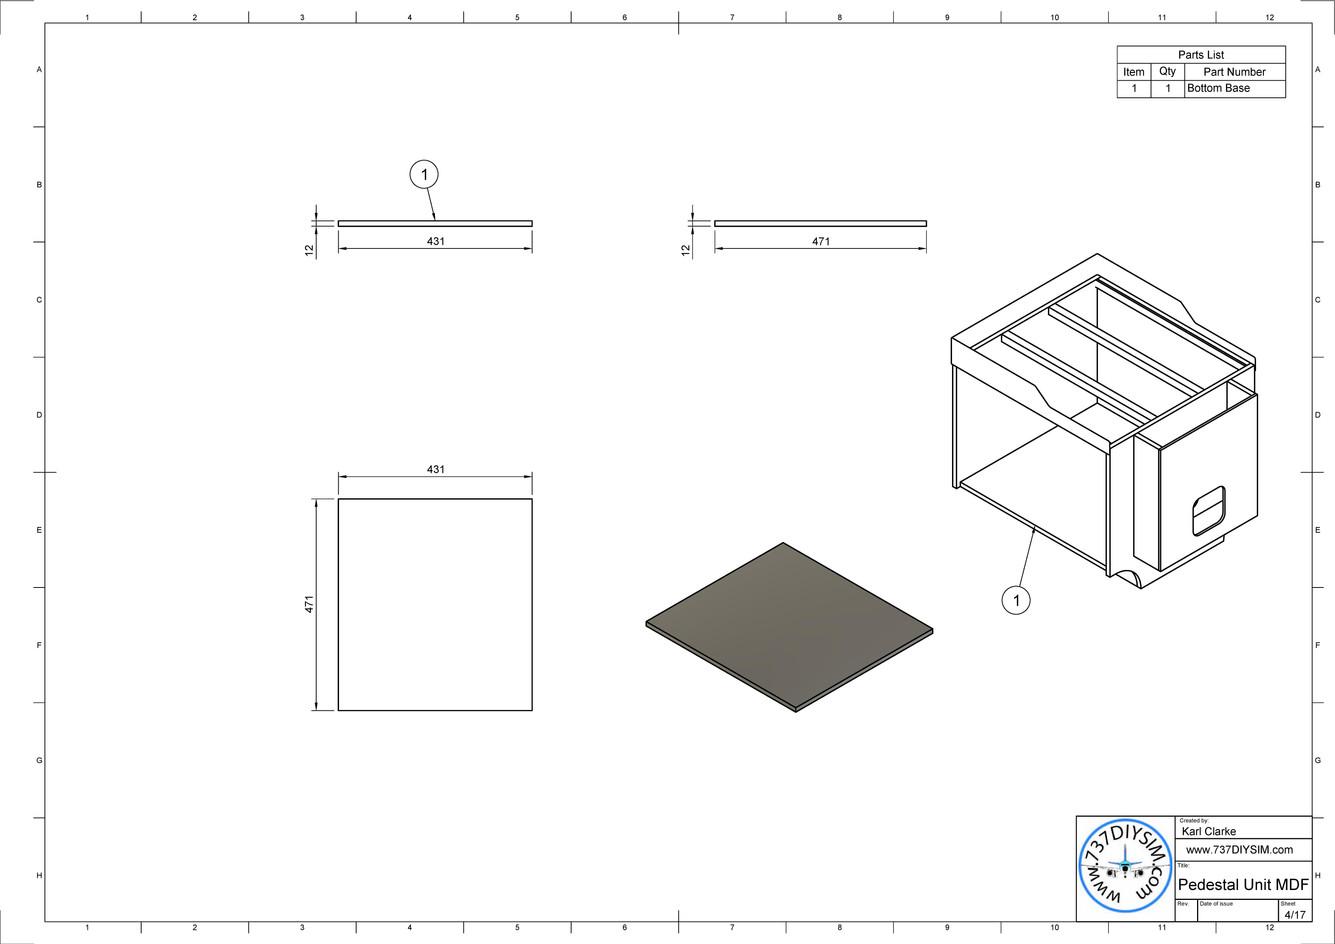 Pedestal Unit MDF Drawing v2-page-004.jp